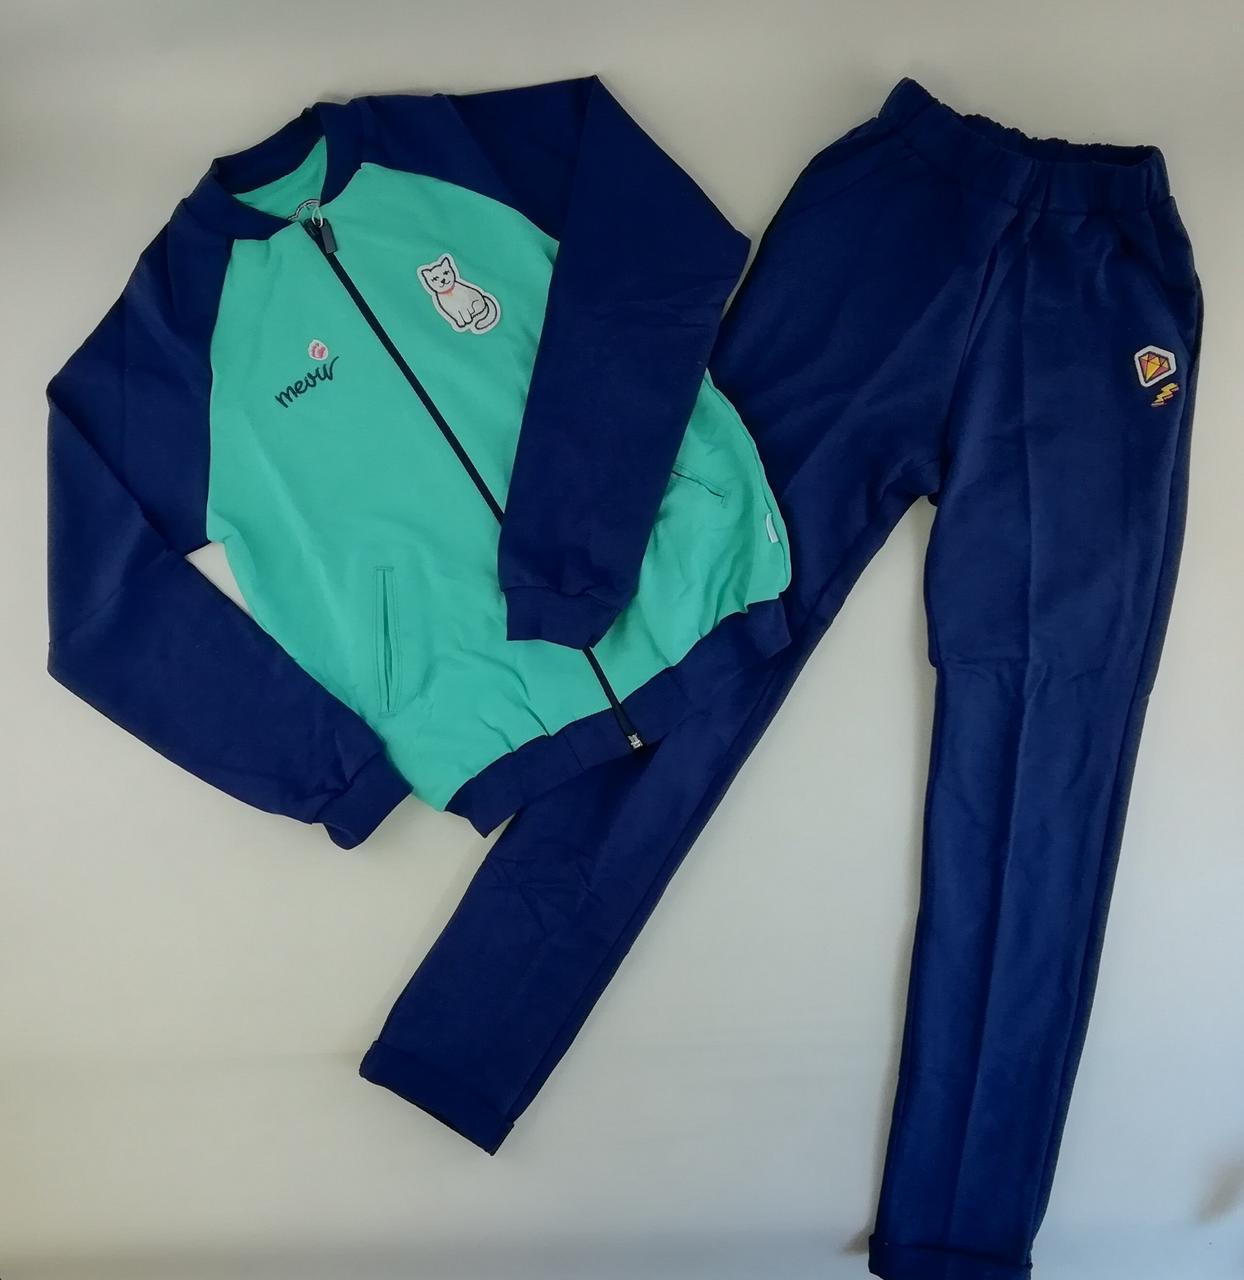 207b3993dfeff Спортивный костюм для девочек Бирюзовый/синий Хлопок Бэмби Украина